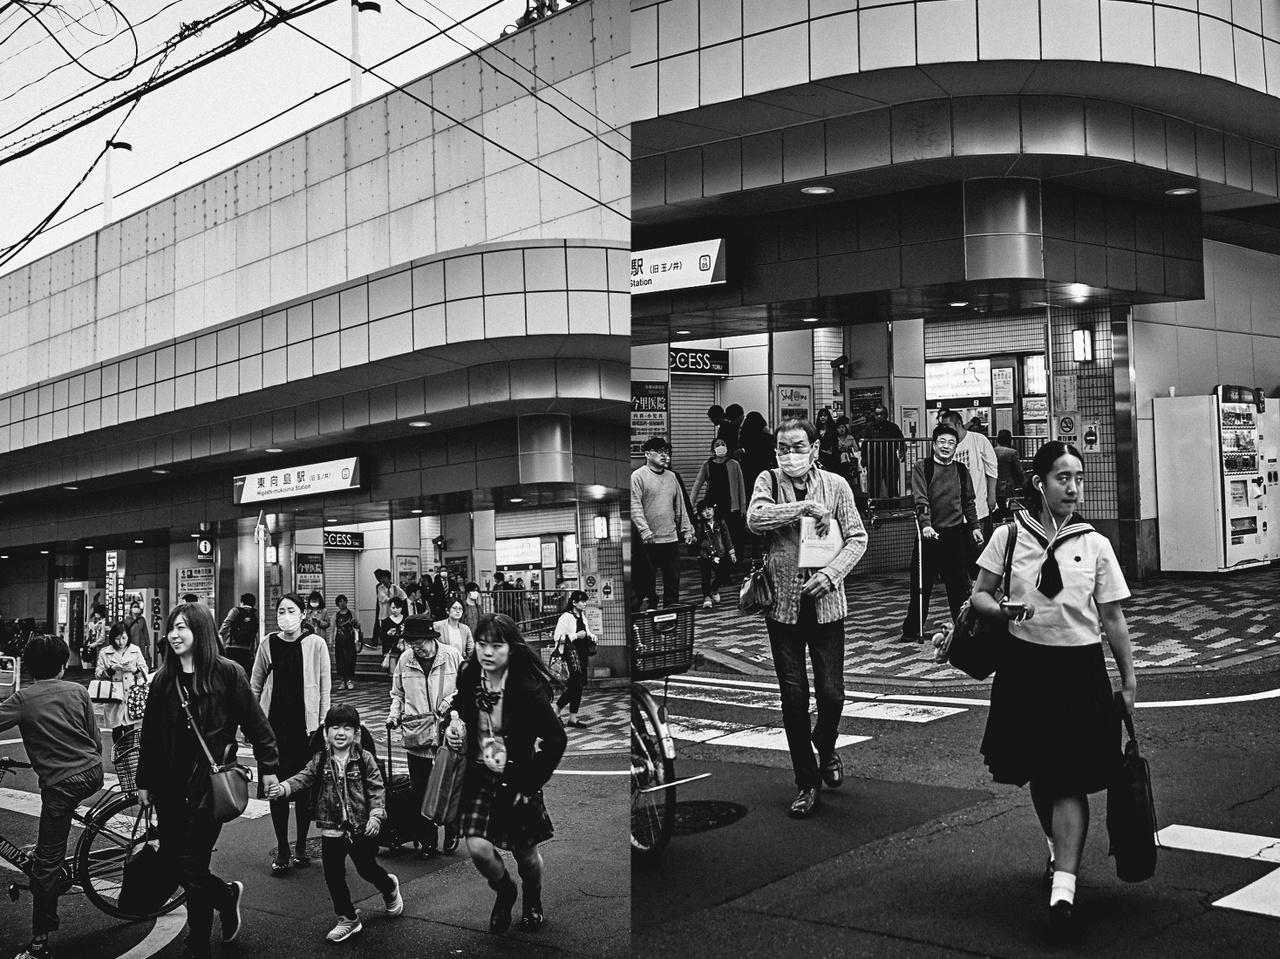 """""""Amire viszont számítottam, be is következett, vagyis hogy eleinte nagyon tartottak tőlem, attól, hogy fényképeket készítek róluk. Kellett egy kommunikációs eszköz, ami ezt a fajta falat lebontja, mert fontos volt számomra, hogy úgy dokumentáljam az embereket egyrészt, ahogy lehetőségem van látni, megpillantani őket, s ugyanakkor volt koncepcióm is, mert a metrómegálló egy bizonyos terében akartam fényképezni, minimális beavatkozással. A harmadik naptól egy helyi tolmács segítette a munkámat, aki közvetítette feléjük, mit is szeretnék. Fontos volt, hogy az alanyok önmaguk maradjanak, és ezt a bizalmi viszonyt a fotózást előtti párbeszéd keszítette elő. Az idő is fontos faktor volt, mert nem állt rendelkezésemre sok belőle egy olyan köztéren, ahol mindenki rohanó tempóban halad."""""""